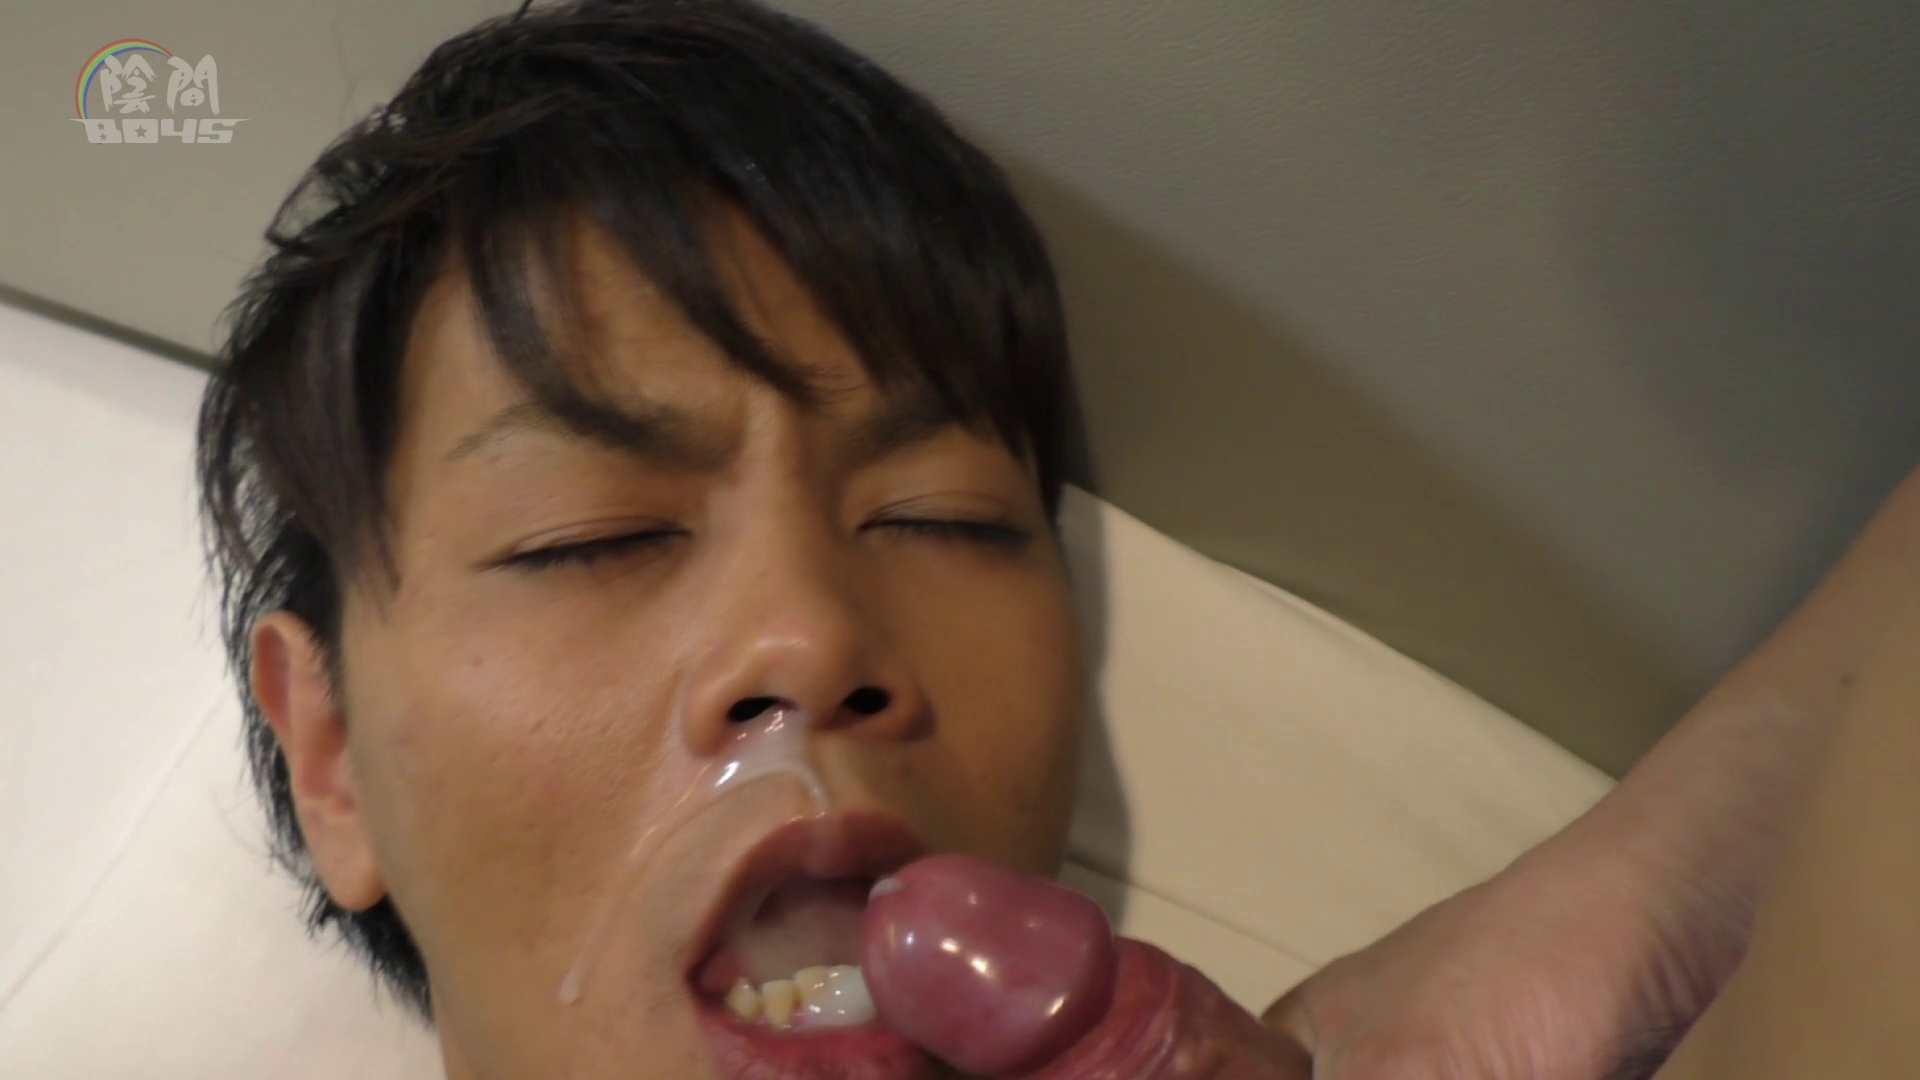 キャバクラの仕事はアナルから6  ~アナルの囁き~Vol.02 ザーメン   オナニー  9枚 6